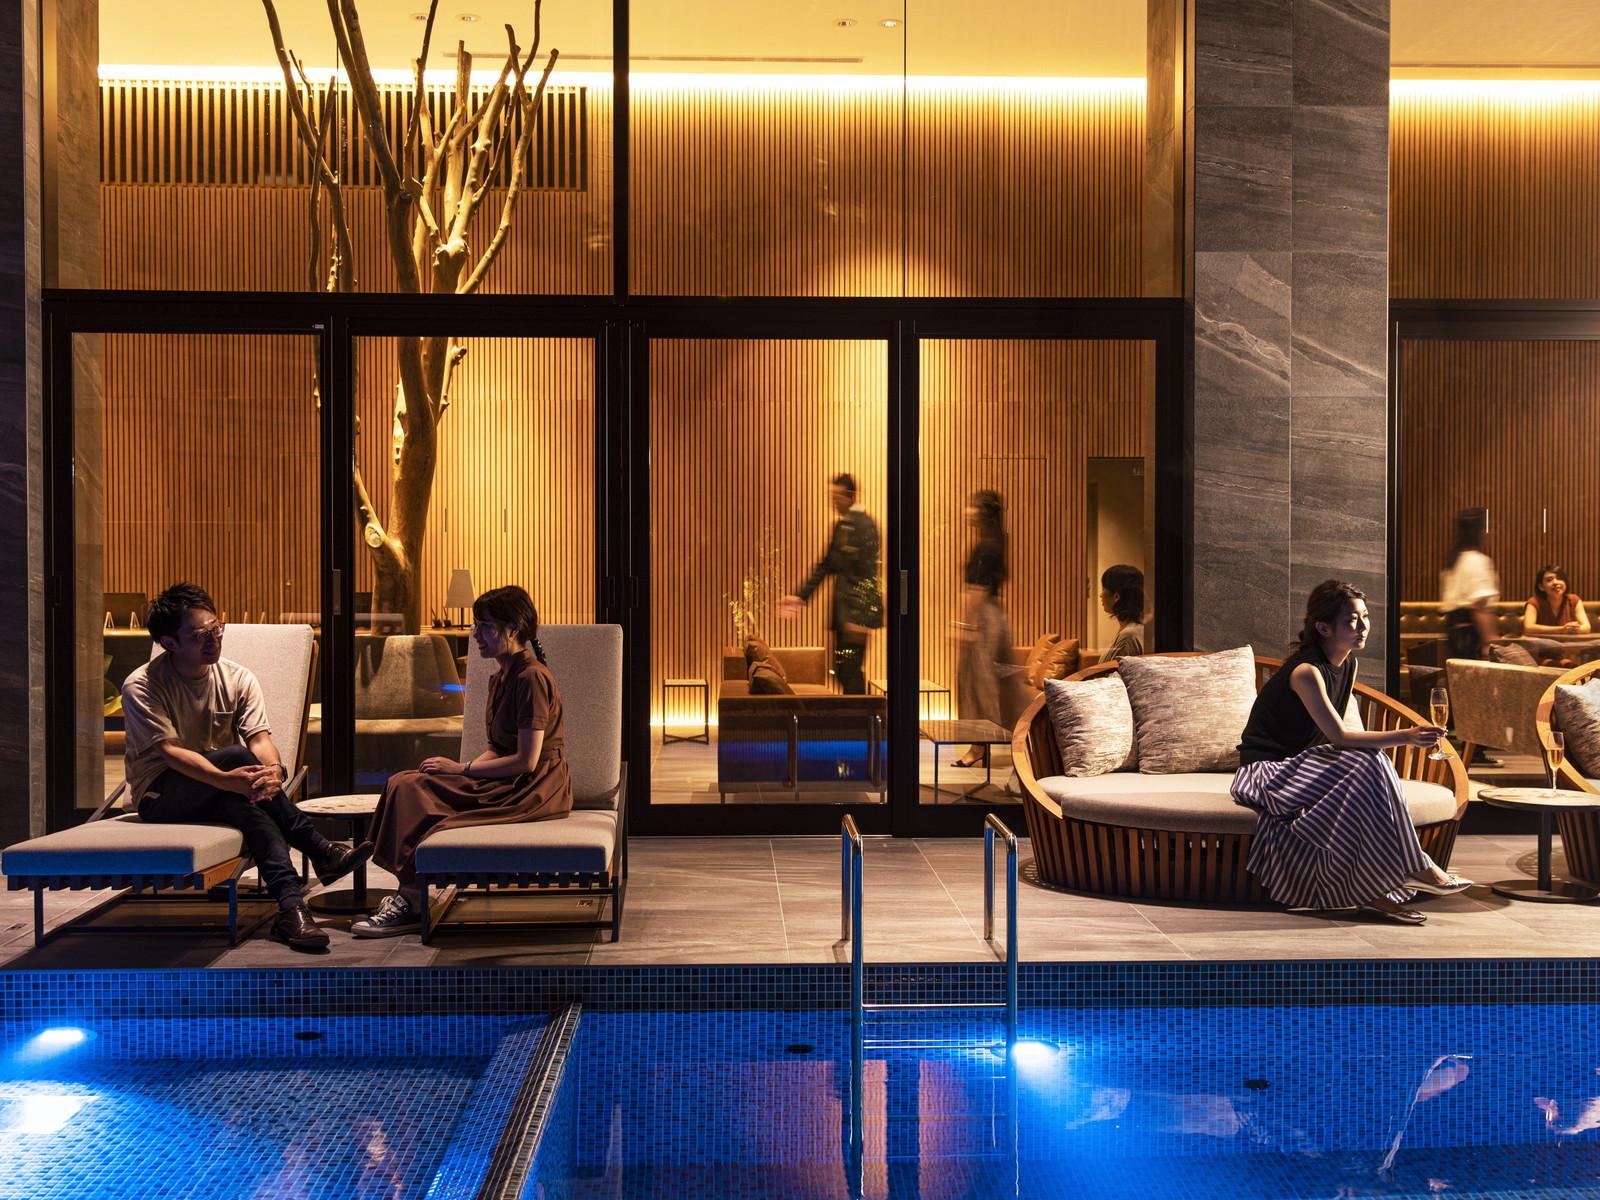 ガーデンテラス福岡ホテル&リゾート 自由気ままにシンプルステイ~スタンダード素泊まりプラン(素泊まり/食事なし)